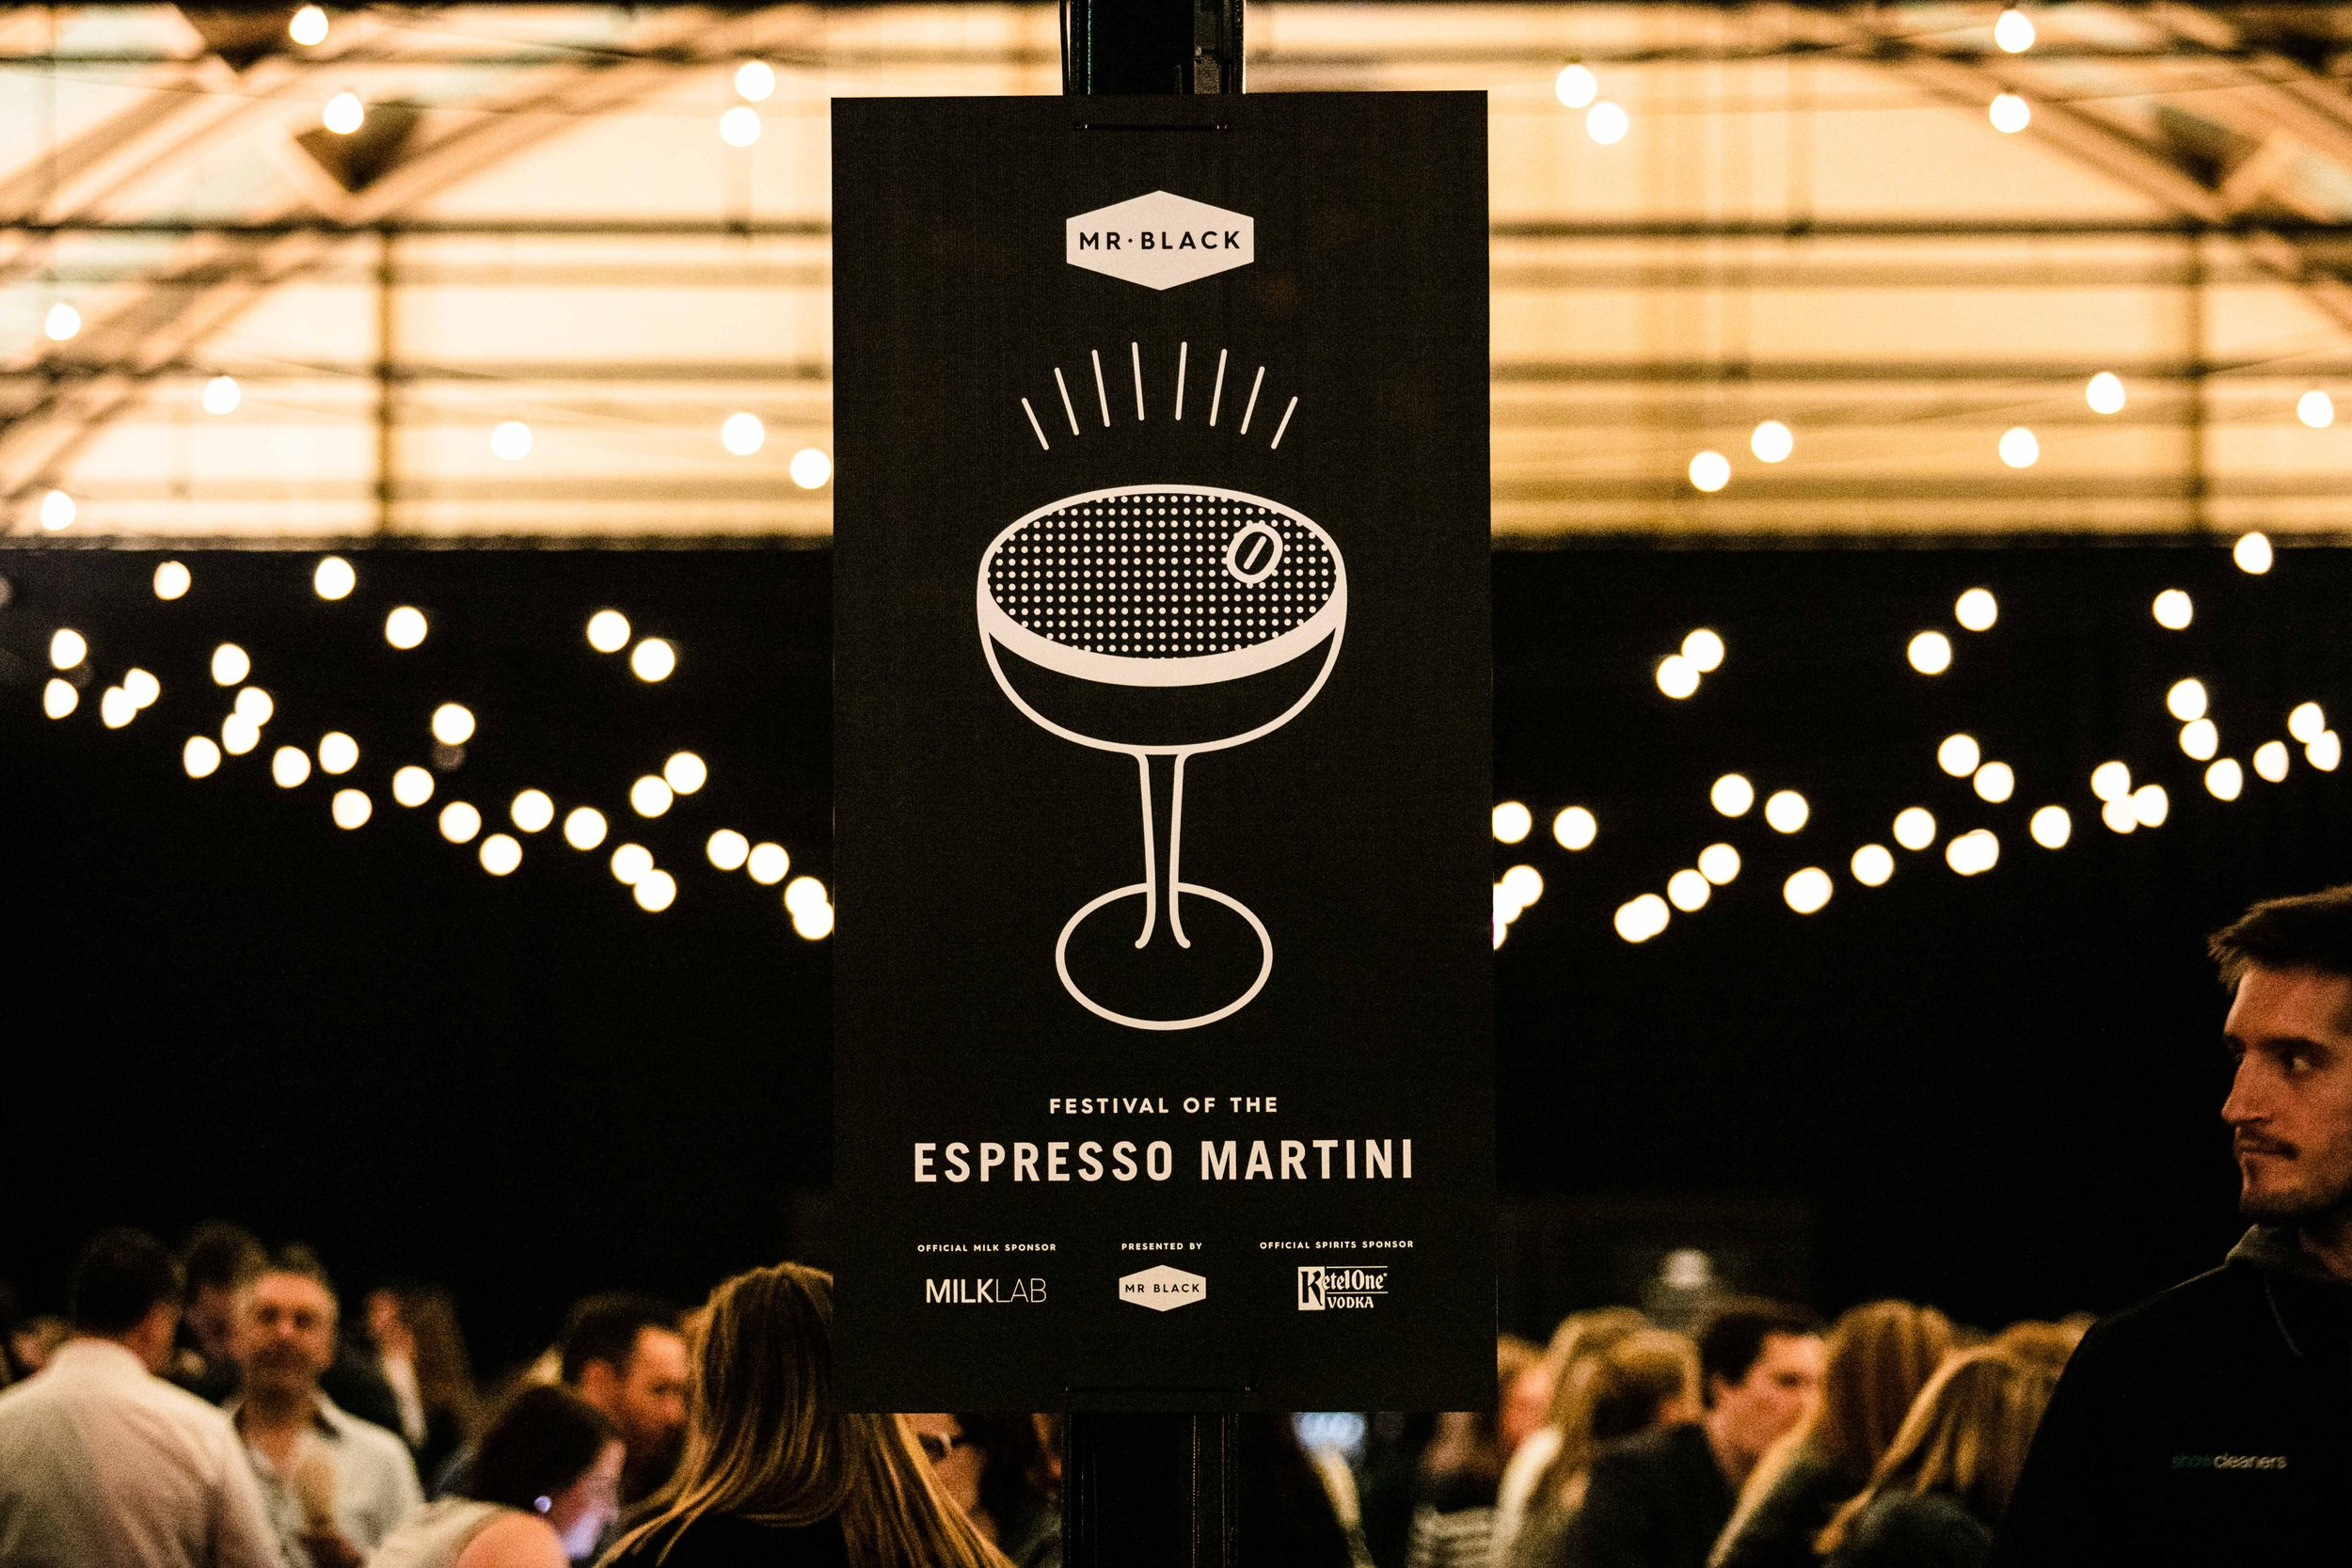 Mr Black Espresso Martini Festival